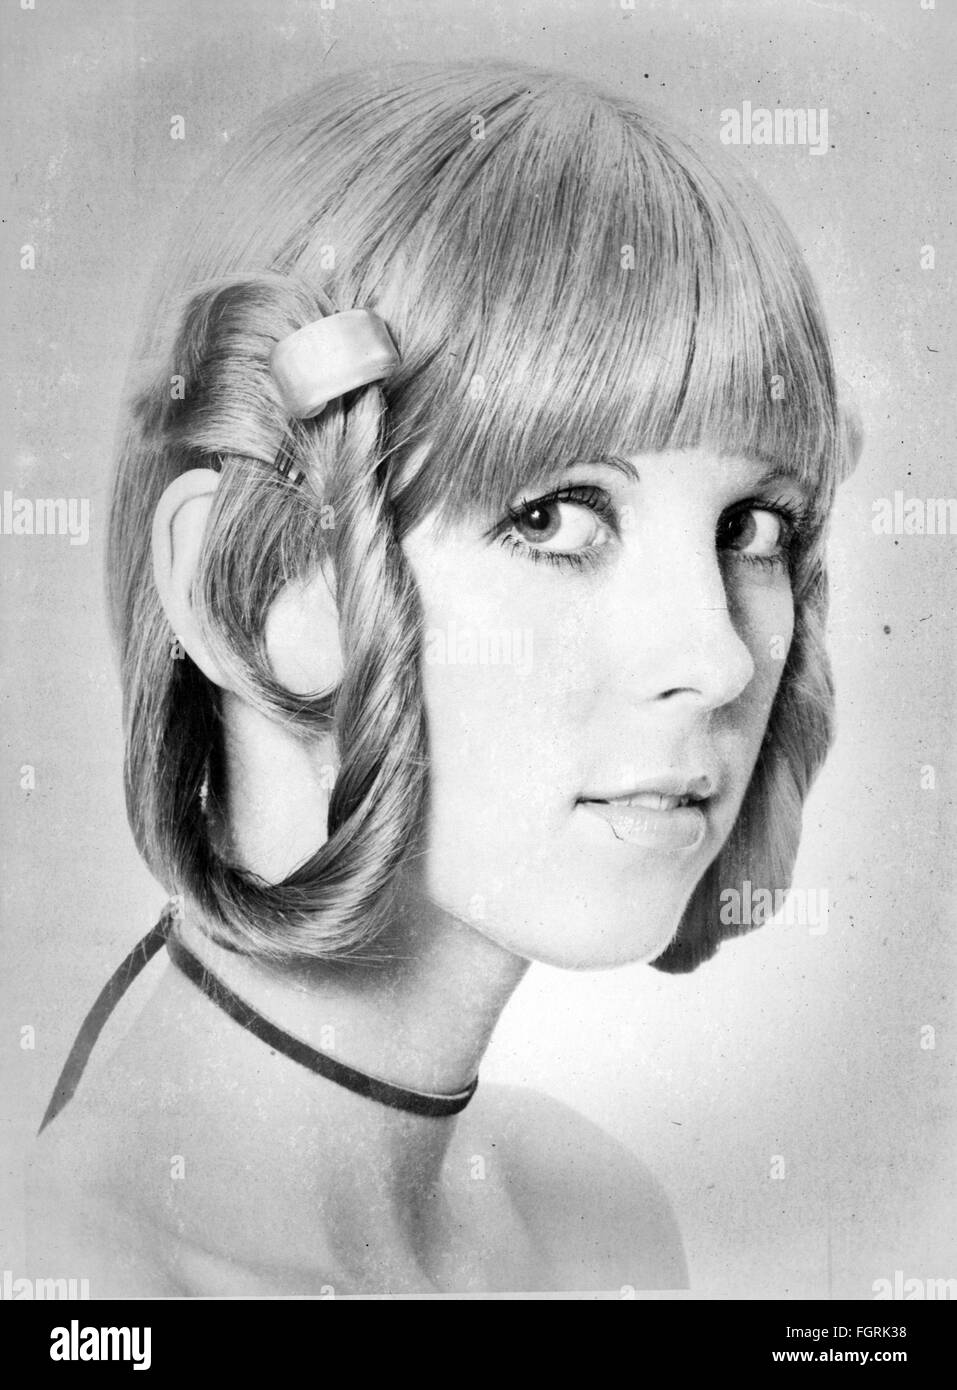 Mode Annees 1970 Coiffures Coupe De Cheveux Pour Femme 1970 Droits Supplementaires Clearences Non Disponible Photo Stock Alamy